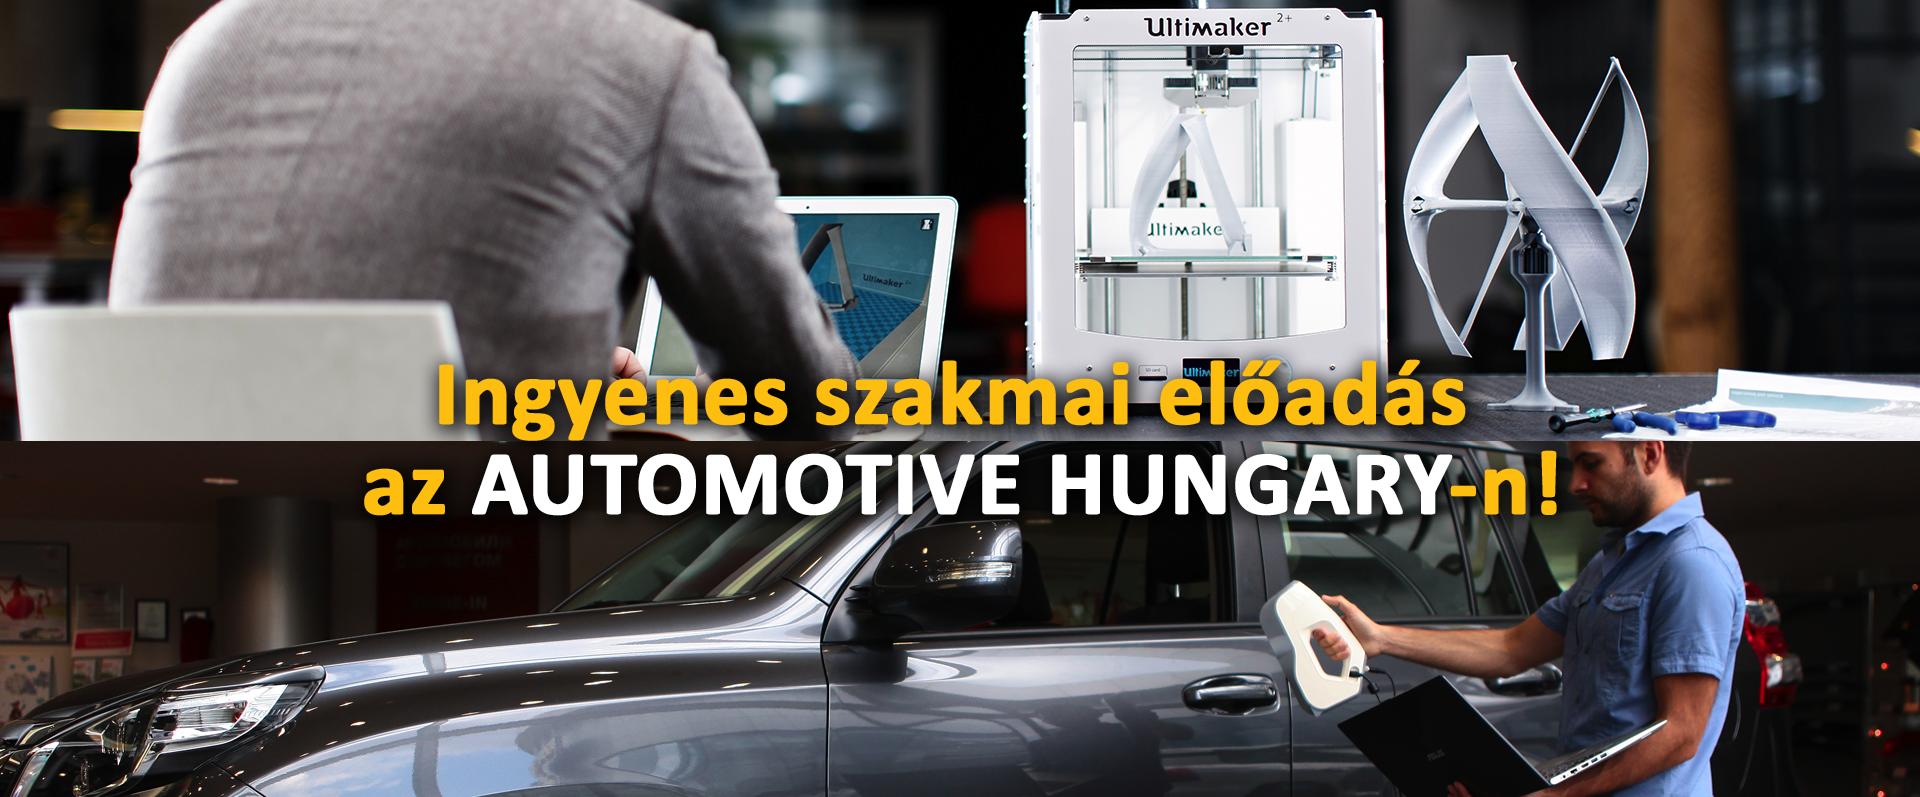 3D szkennelés és 3D nyomtatás az autóiparban